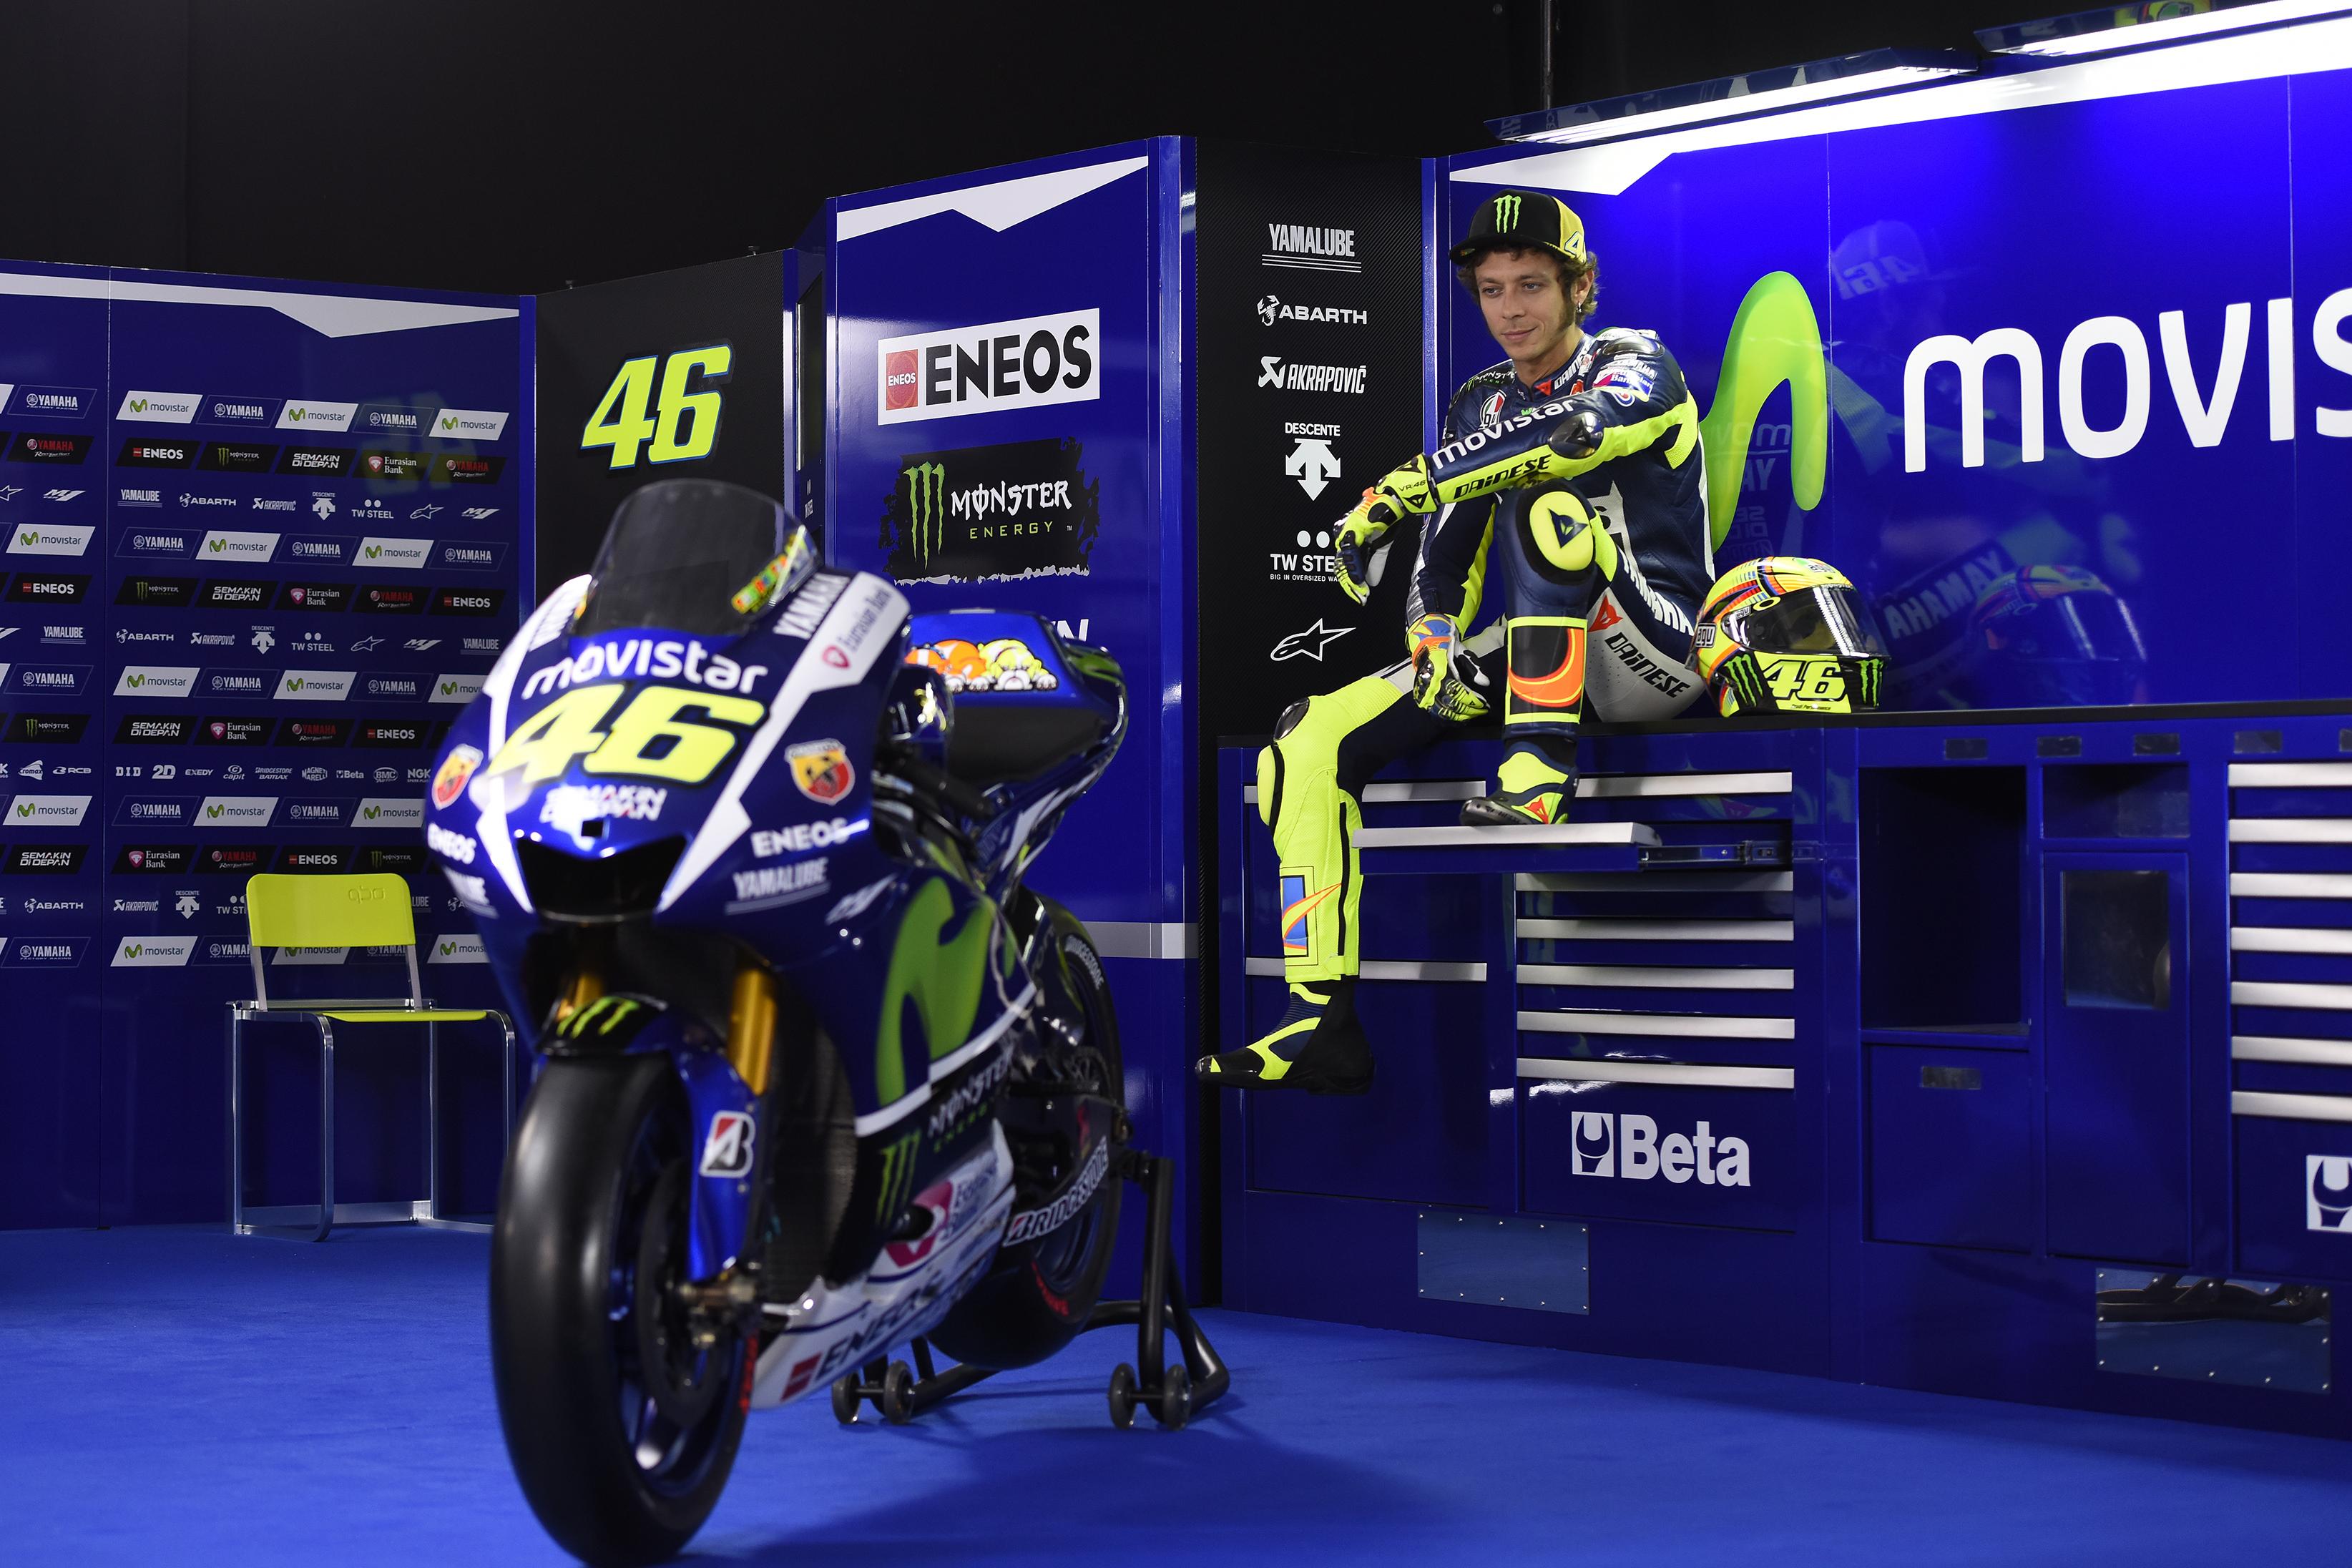 Movistar Yamaha Kicks off 2015 MotoGP Season in Madrid - Yamaha Racing